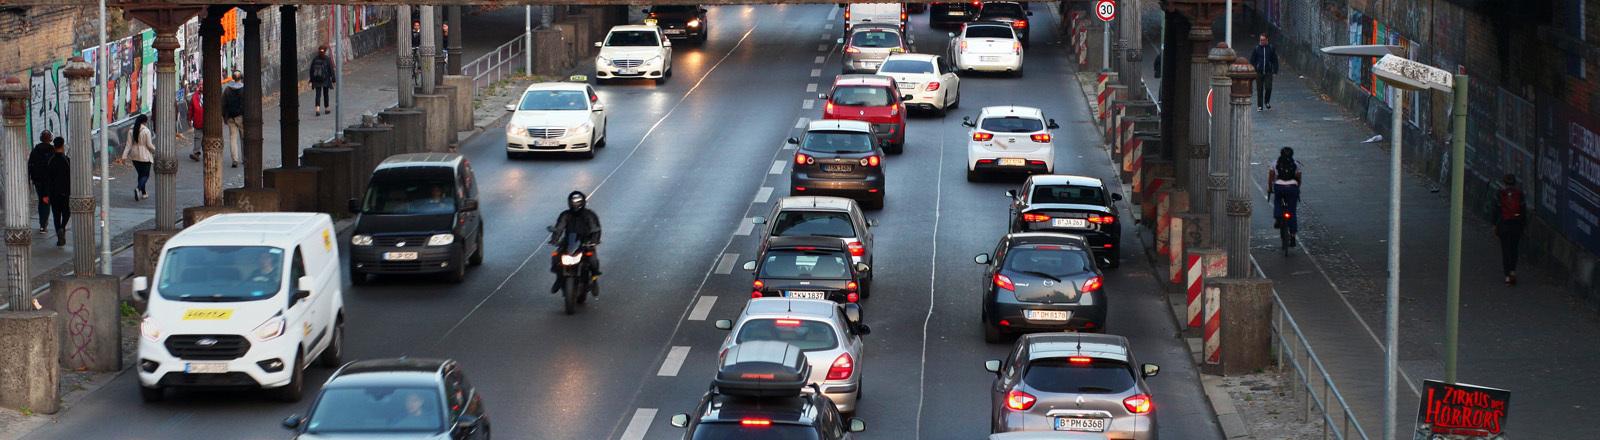 Eine befahrene Straße mit Autos, Rollerfahrer und Fußgängern.